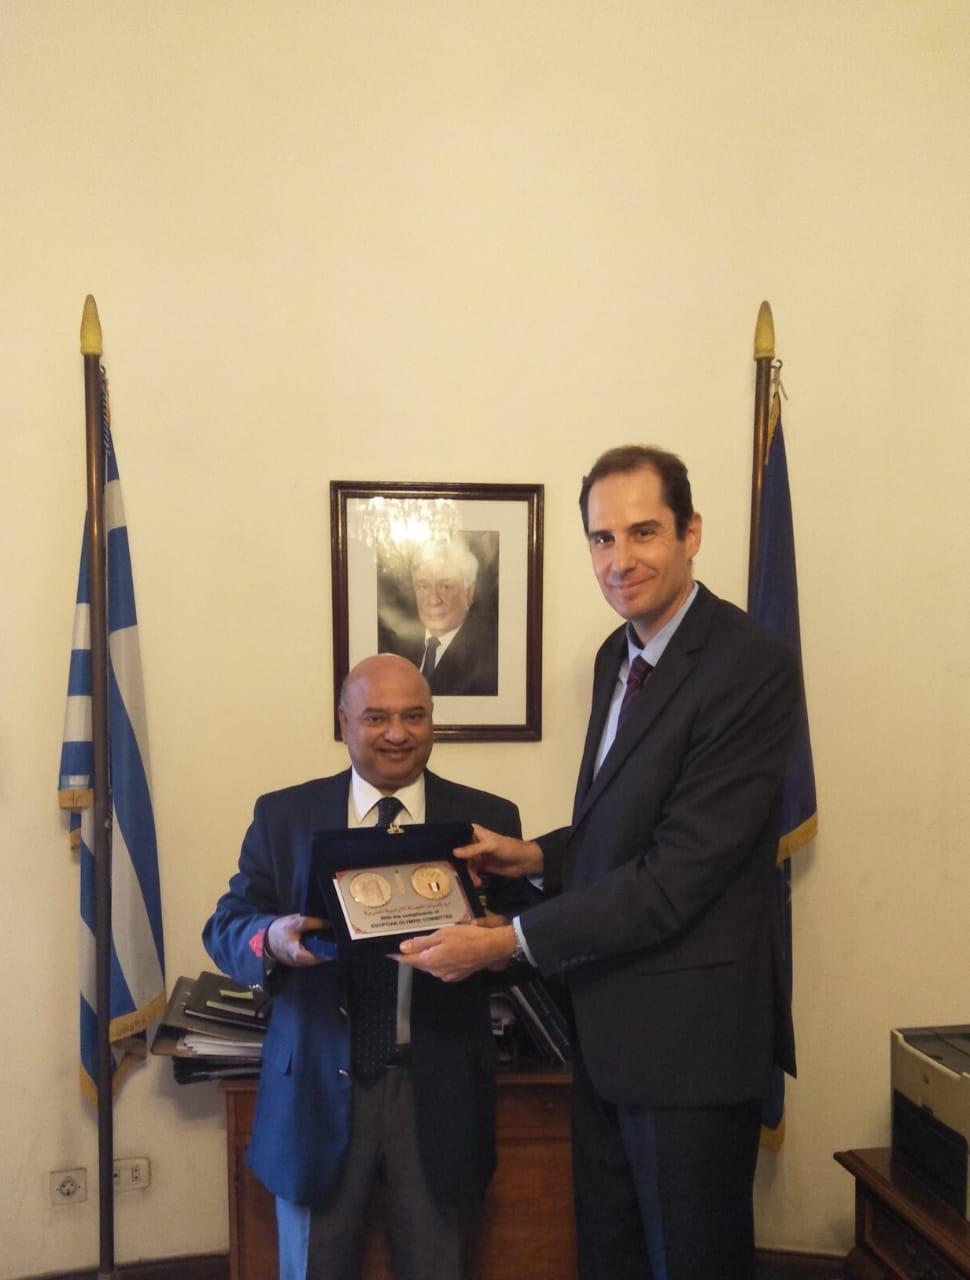 علاء مصطفى يهدى الدرع الى القنصل